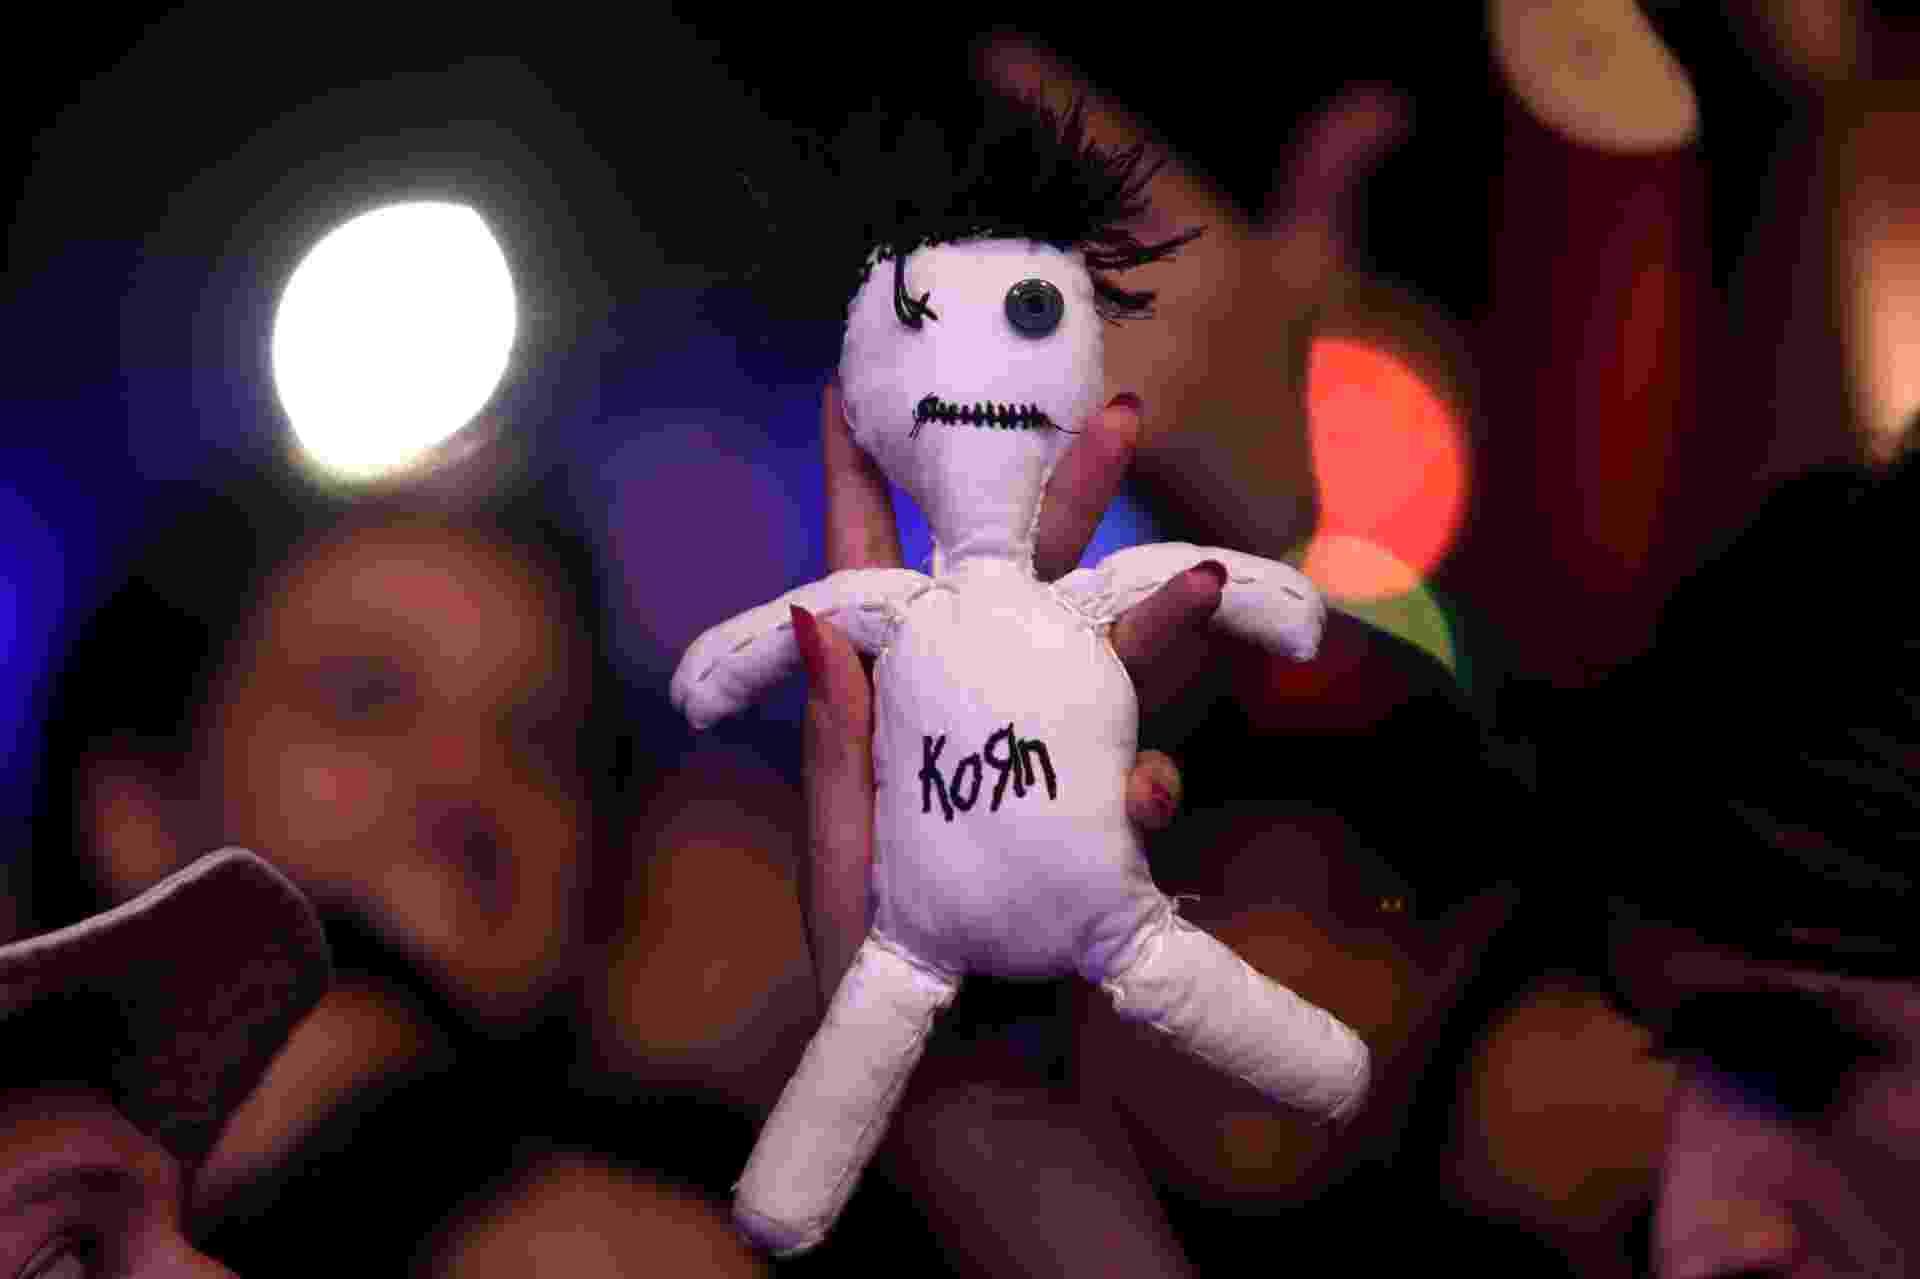 19.set.2015 - Korn se apresenta no palco Sunset no segundo dia do Rock in Rio 2015 - J. F. Diorio/Agência Estado